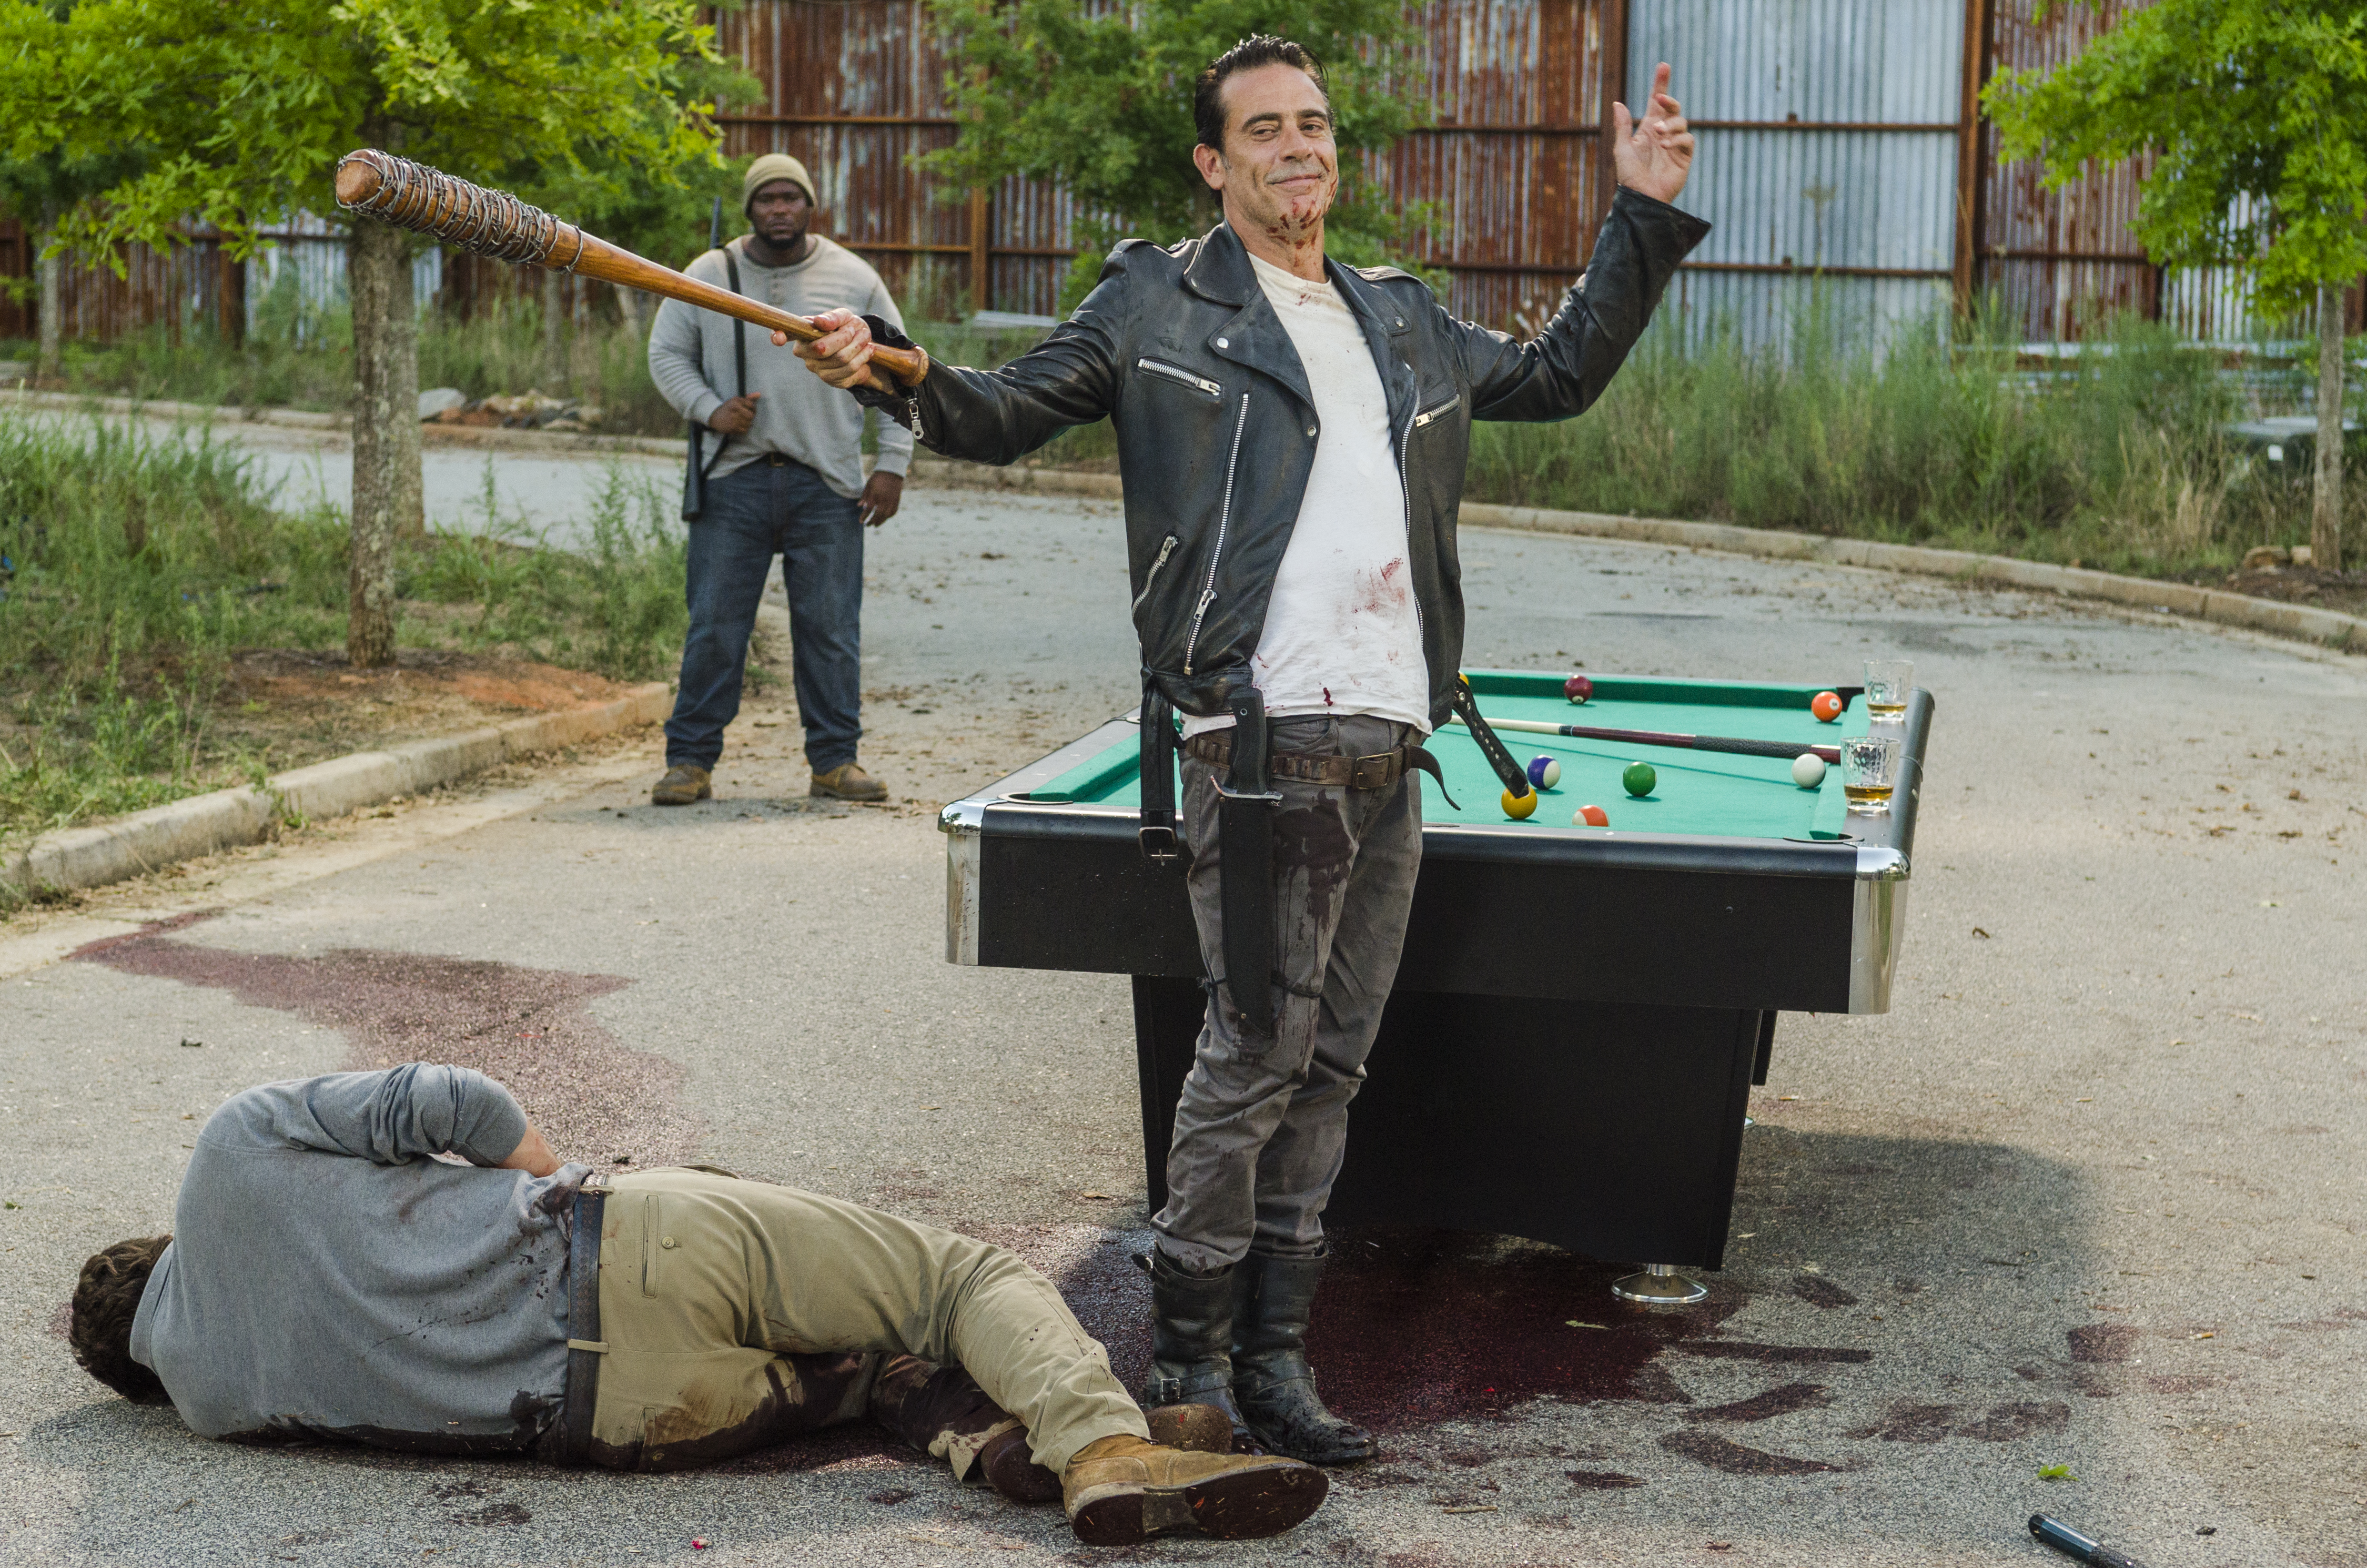 Negan le chic type (Jeffrey Dean Morgan), alors qu'il vient de tuer Spencer Monroe (Austin Nichols) - The Walking Dead Saison 7 Épisode 8 - Crédit Photo: Gene Page/AMC